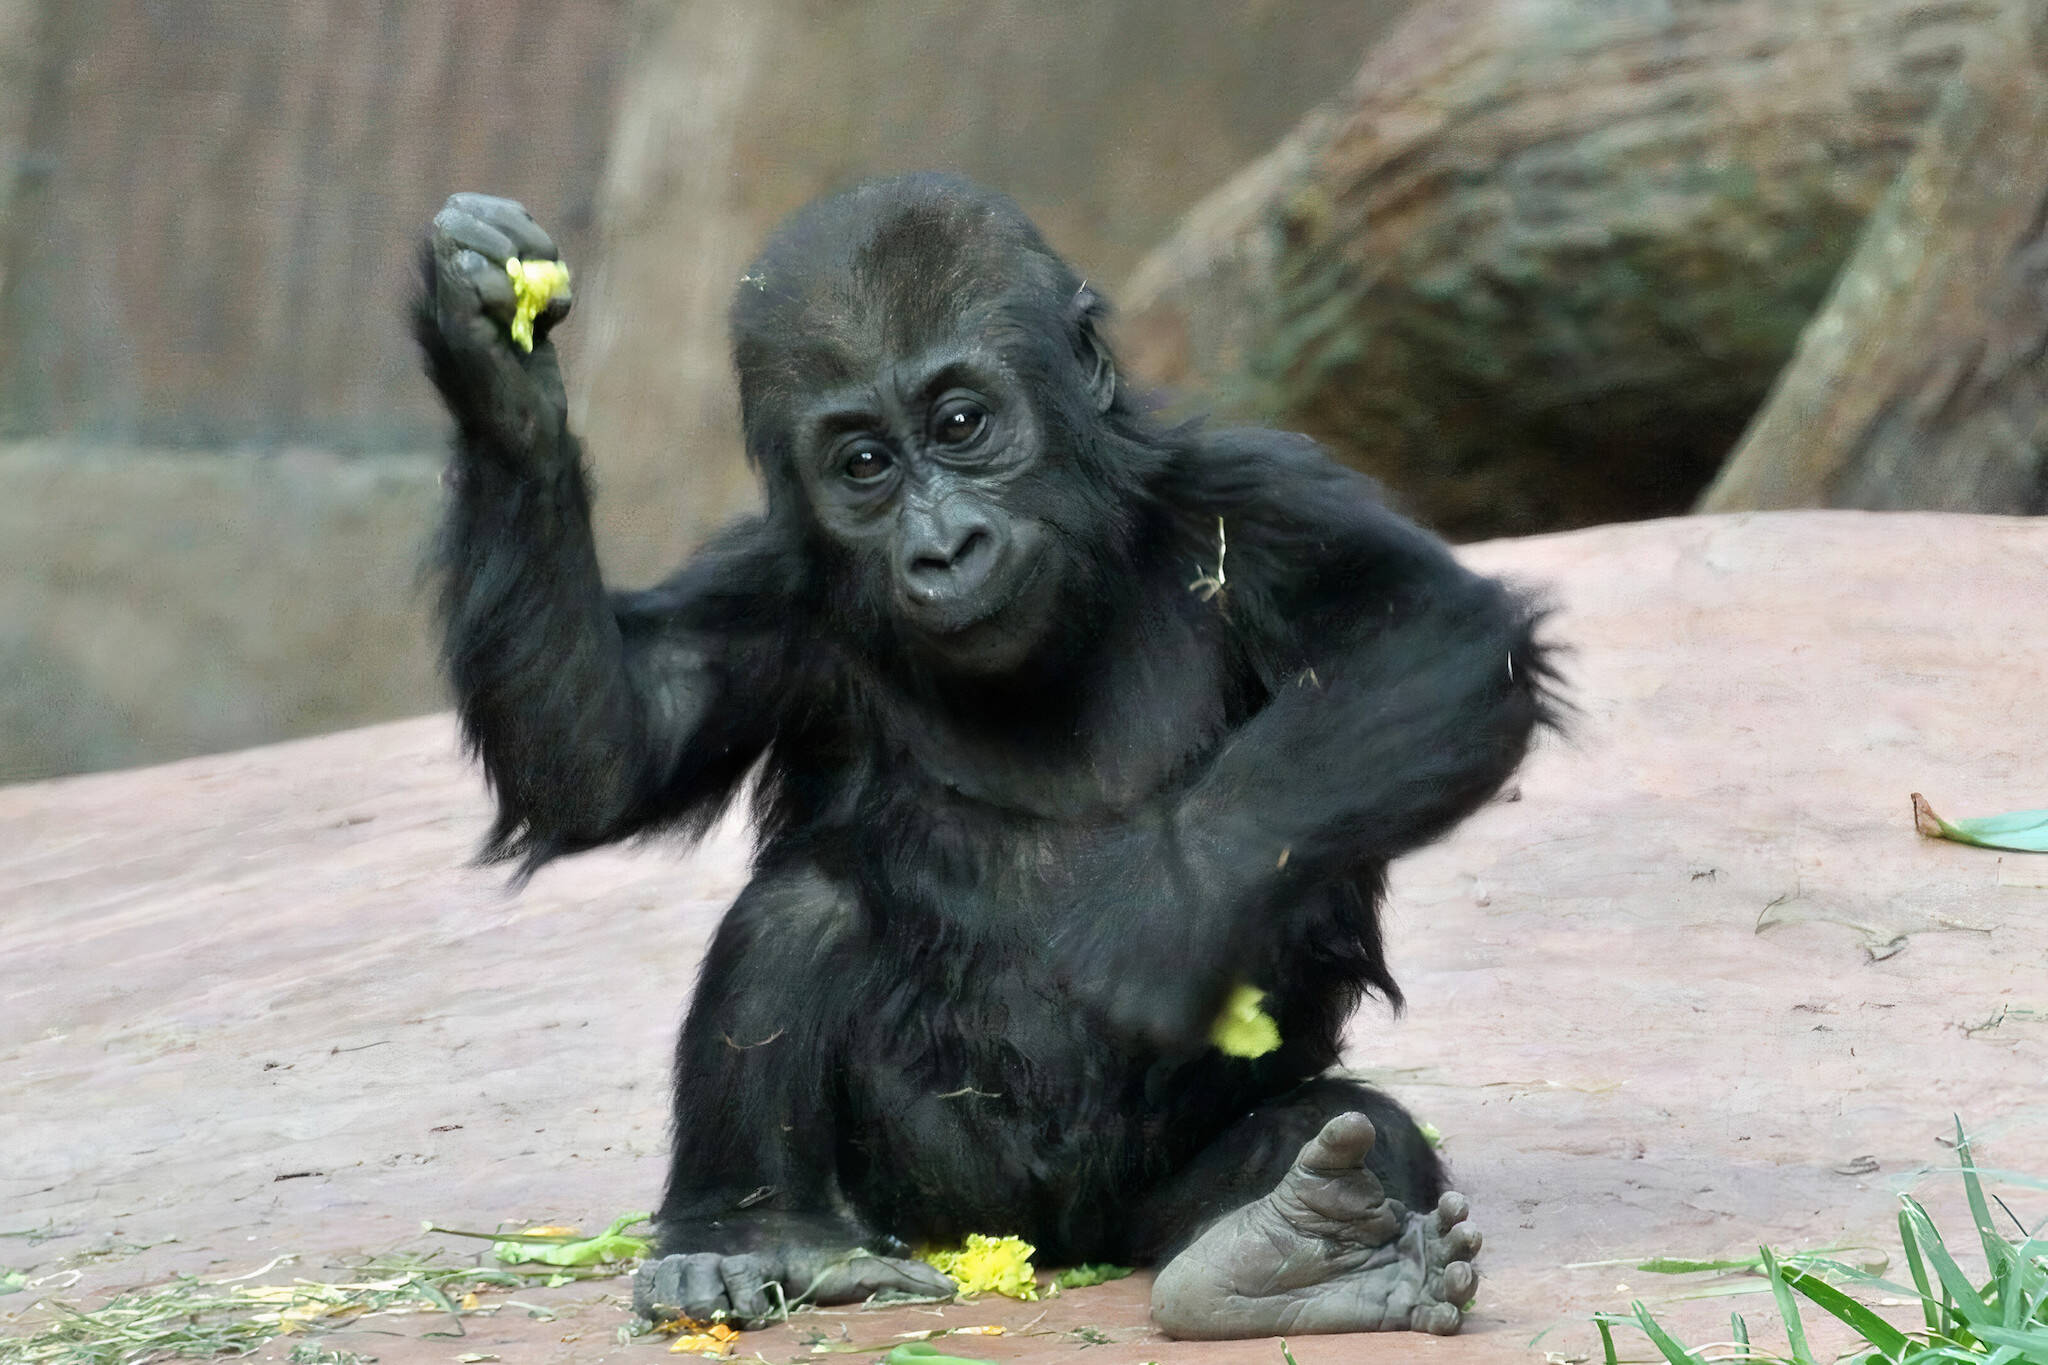 toronto zoo phone apes